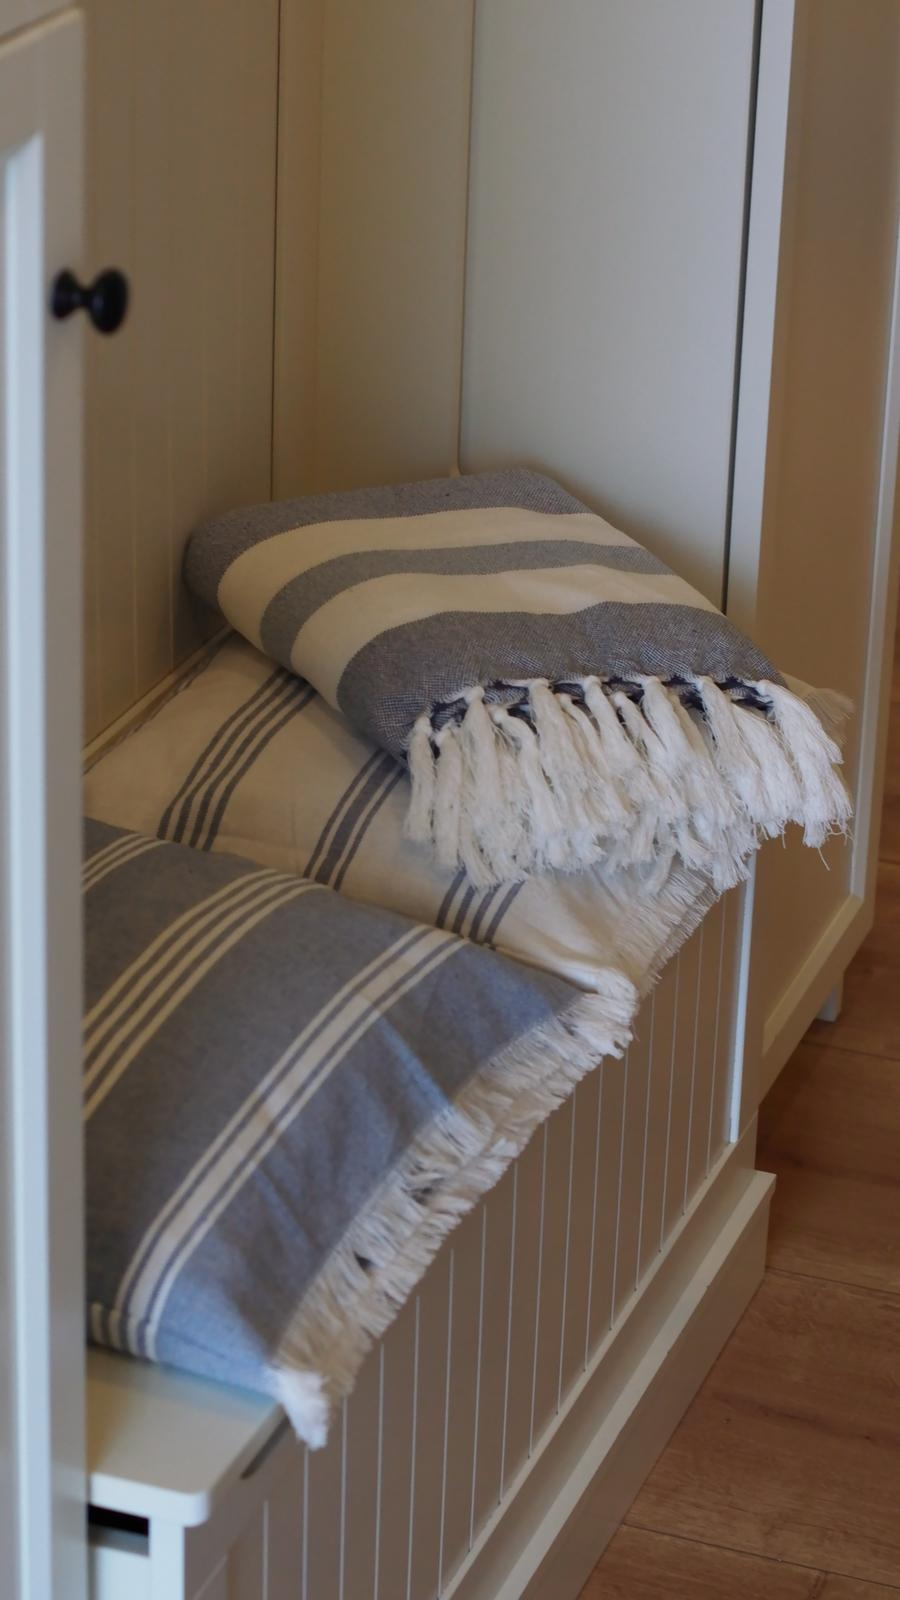 Náš domček ♡ Bramasole ♡ ... Stilo interiér aj exteriér 3. rok bývania - Obrázok č. 42